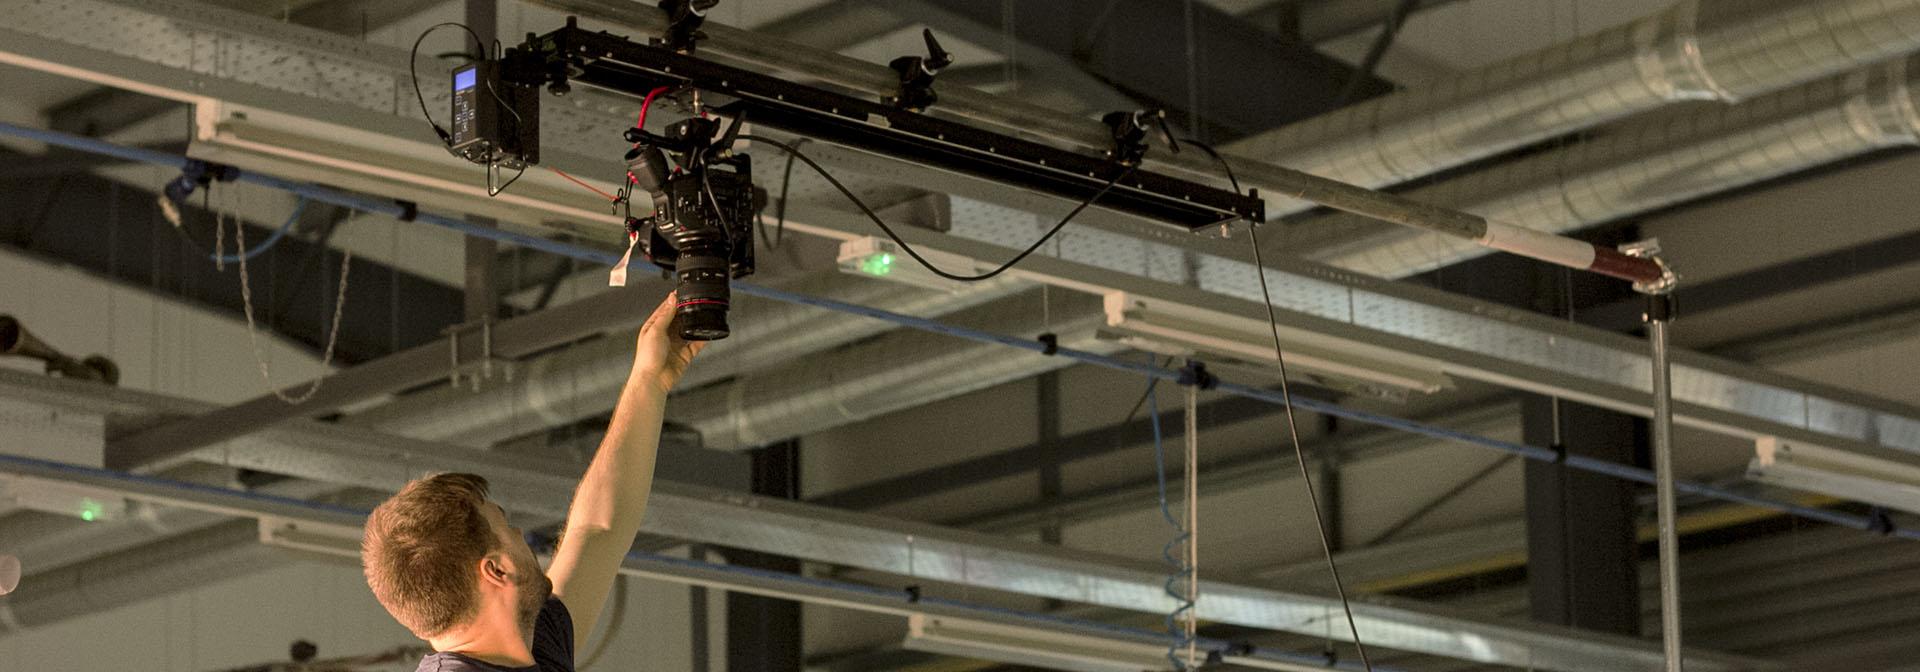 Kessler Cineslider – Overhead Slider Rig